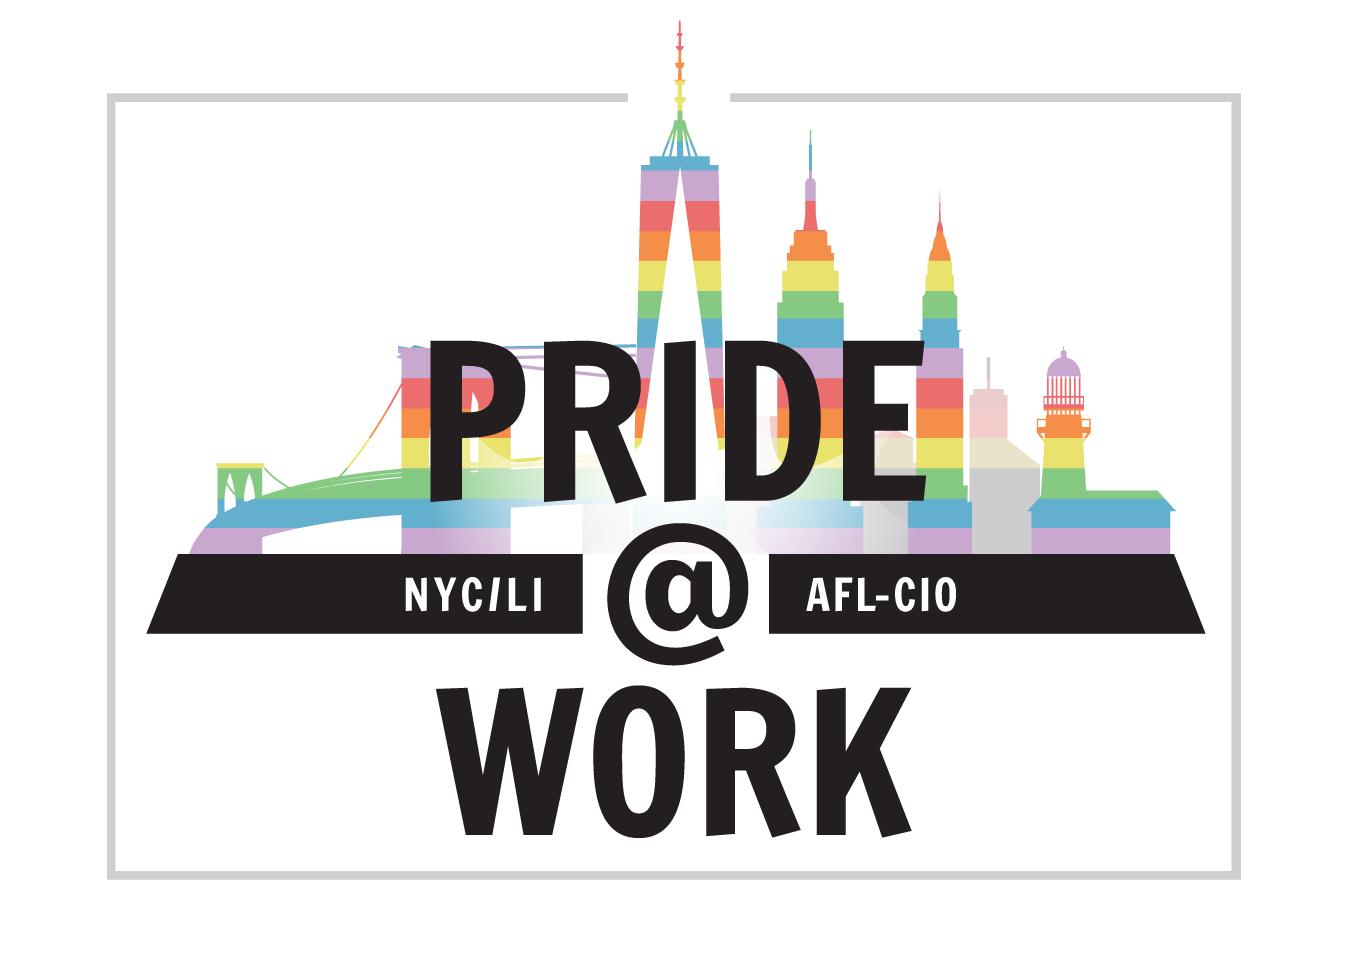 at work new york city long island pride at work new york city long island